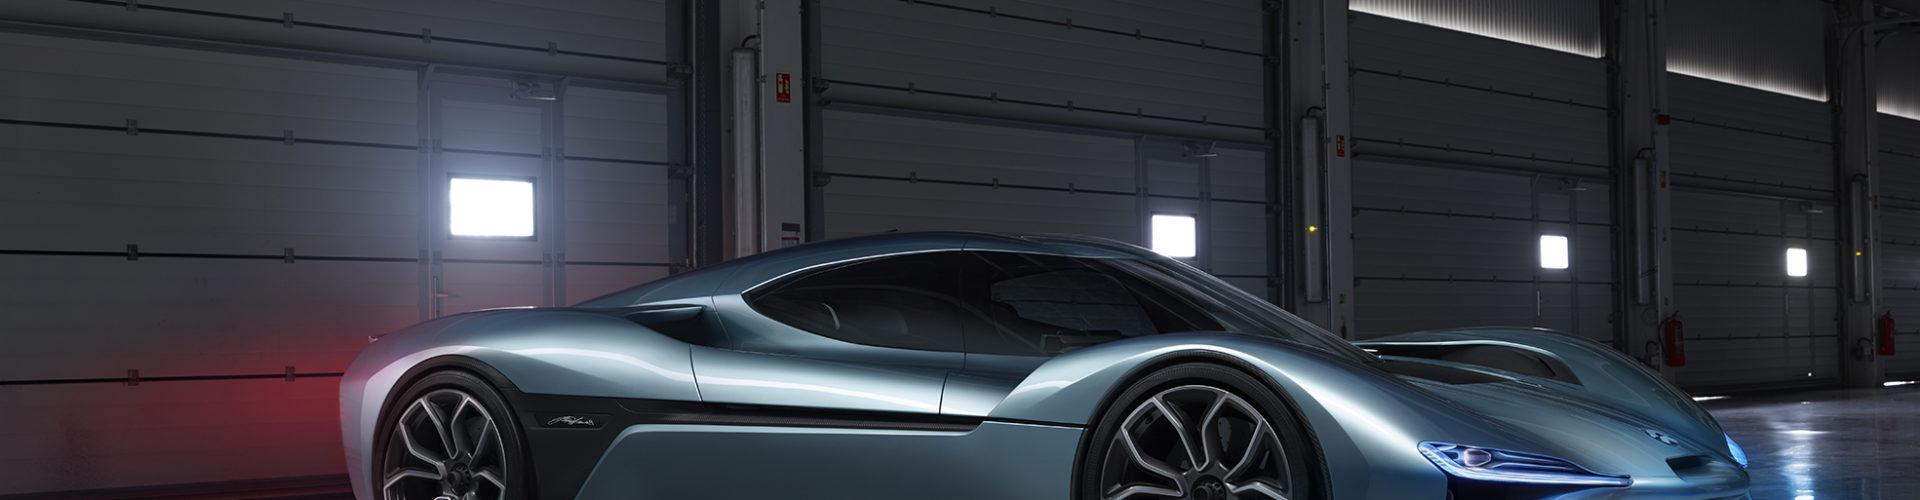 China's electric vehicle market hotting up